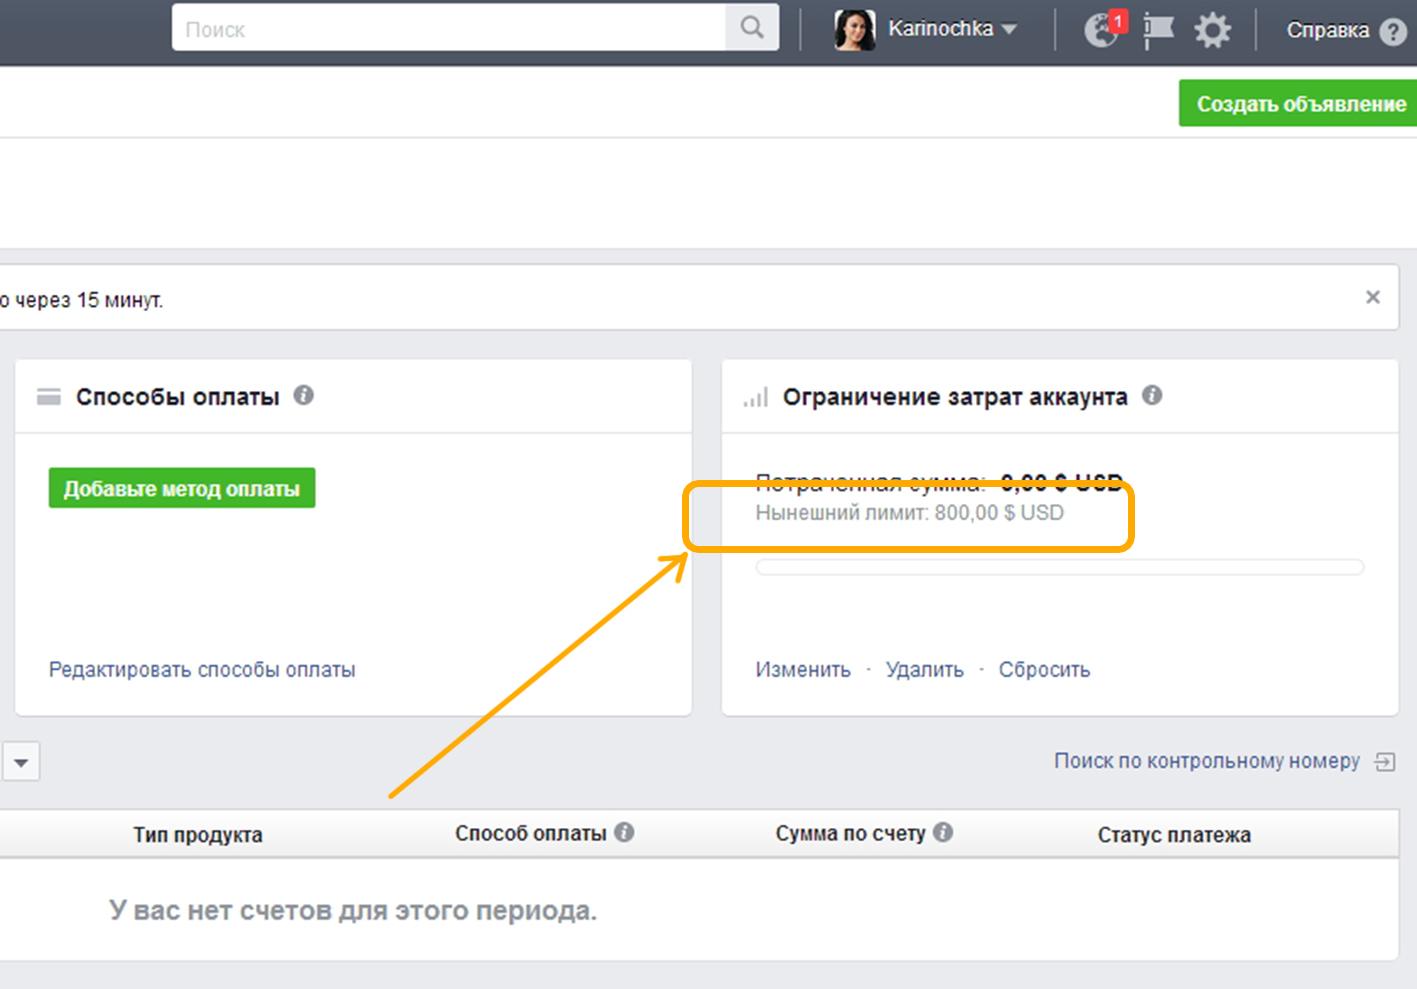 Измененная сумма лимита затрат аккаунта в Фейсбук, как результат правильности всех действий